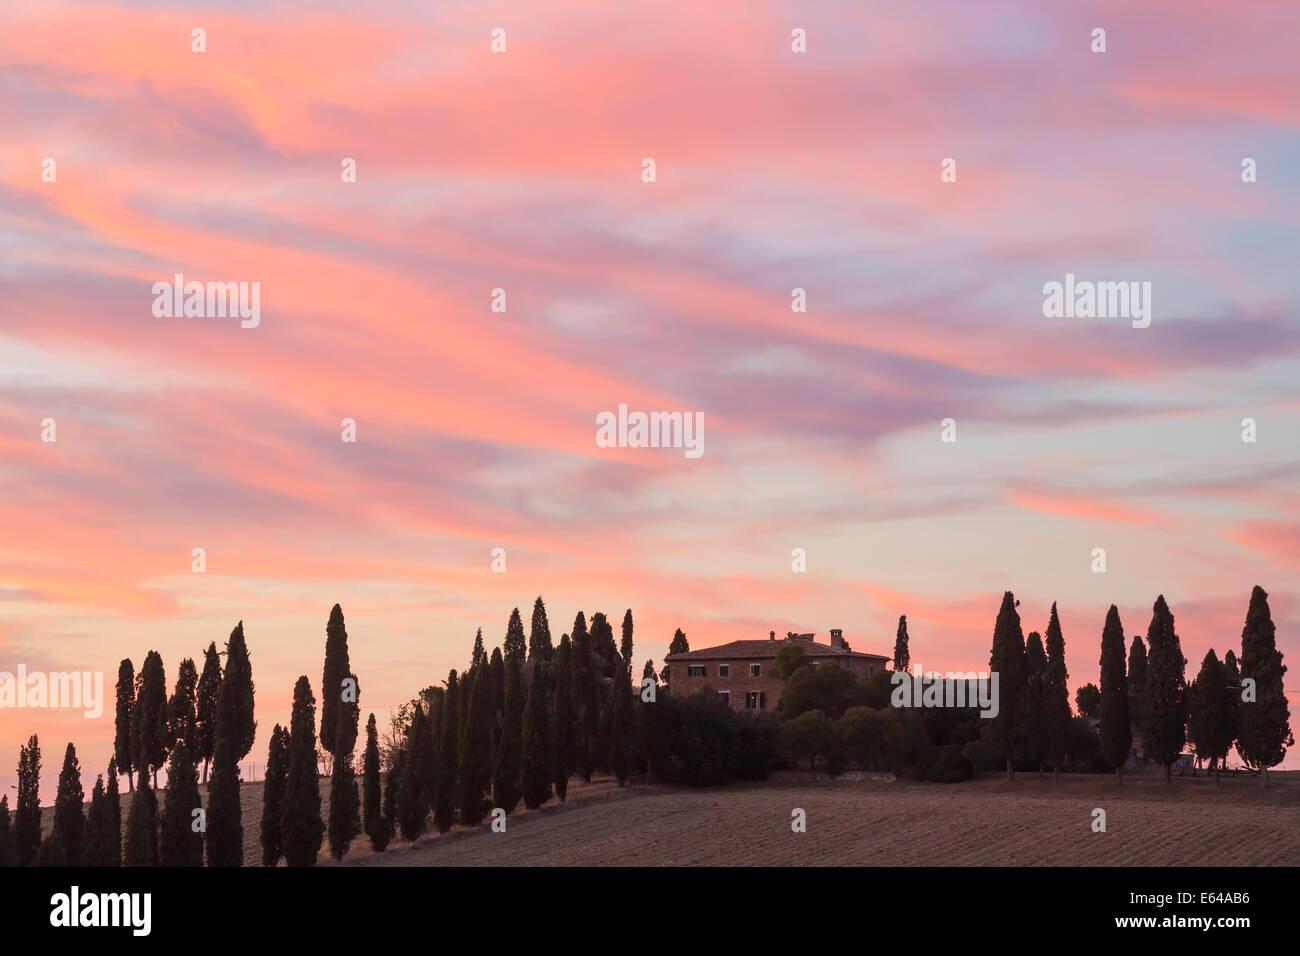 Gîte rural et de cyprès au coucher du soleil, Toscane, Italie Photo Stock